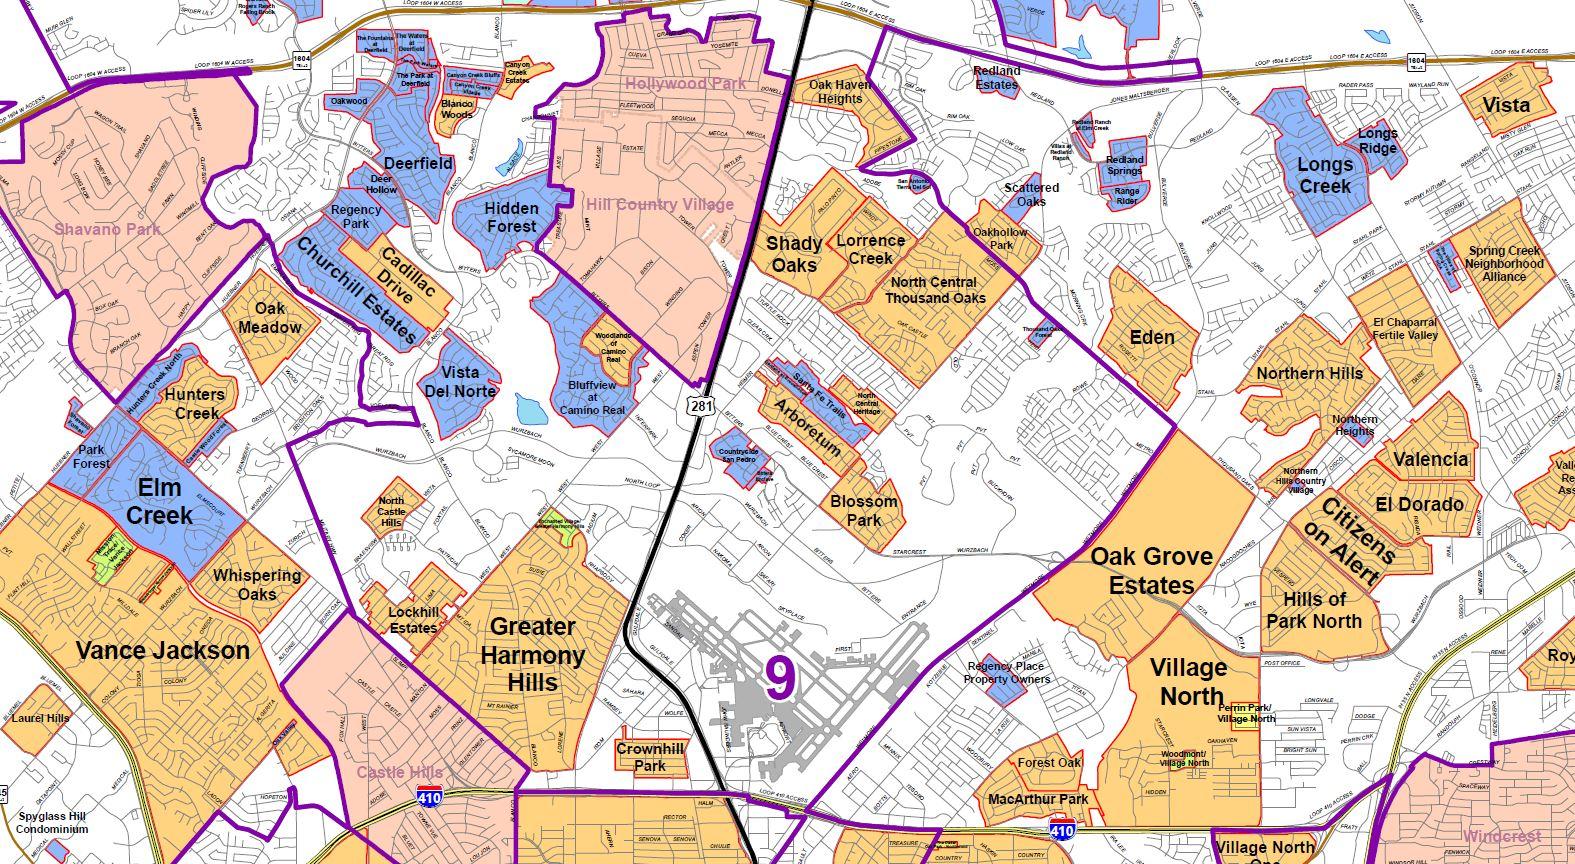 San Antonio Map Inside Loop 1604